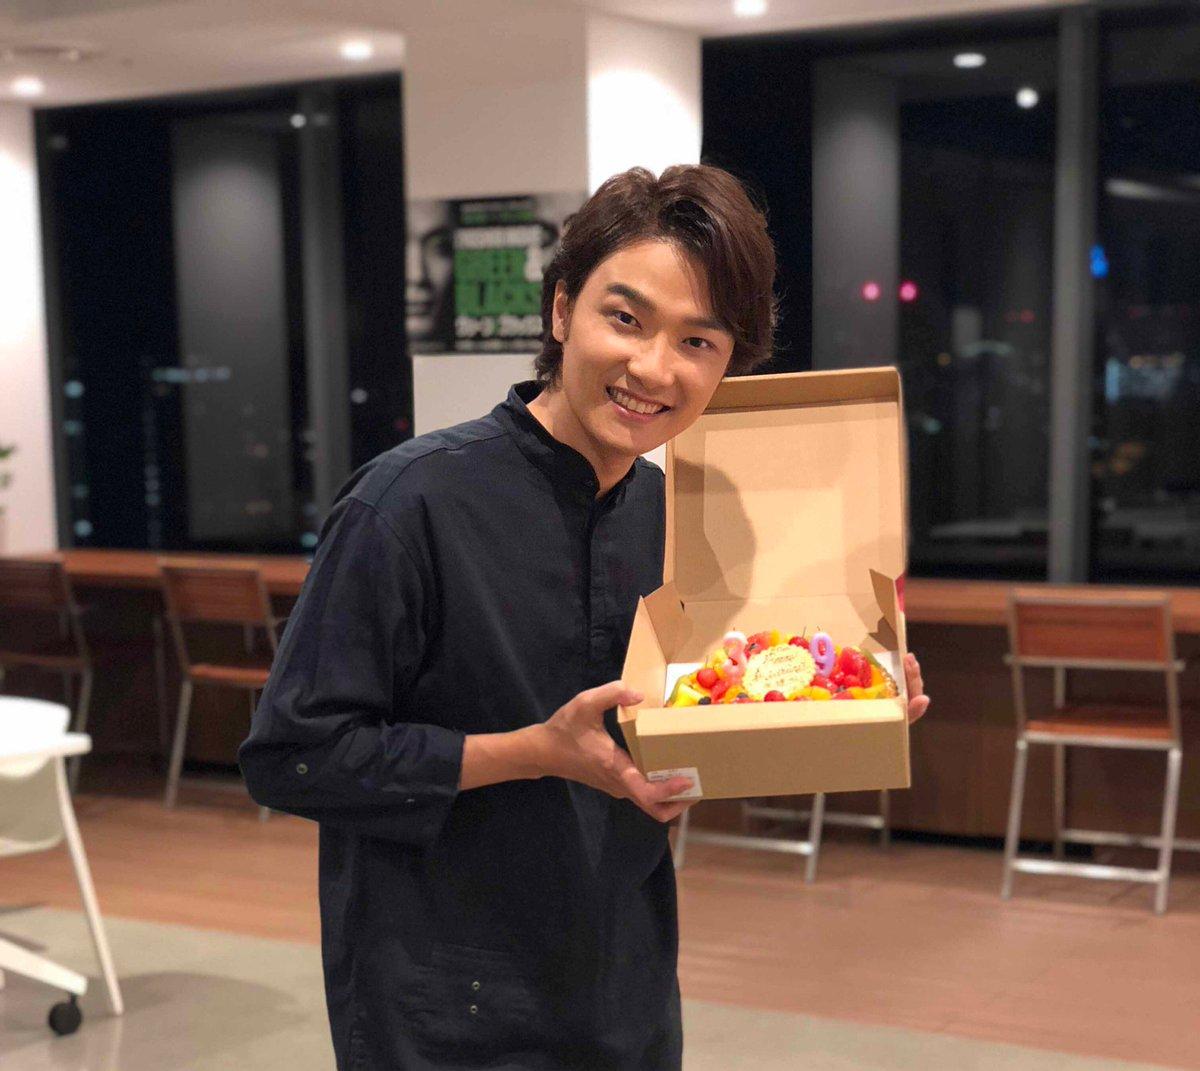 実は昨日、一足先に グリブラ チームで 井上芳雄 さんのお誕生日をお祝いさせていただきました(なぜか